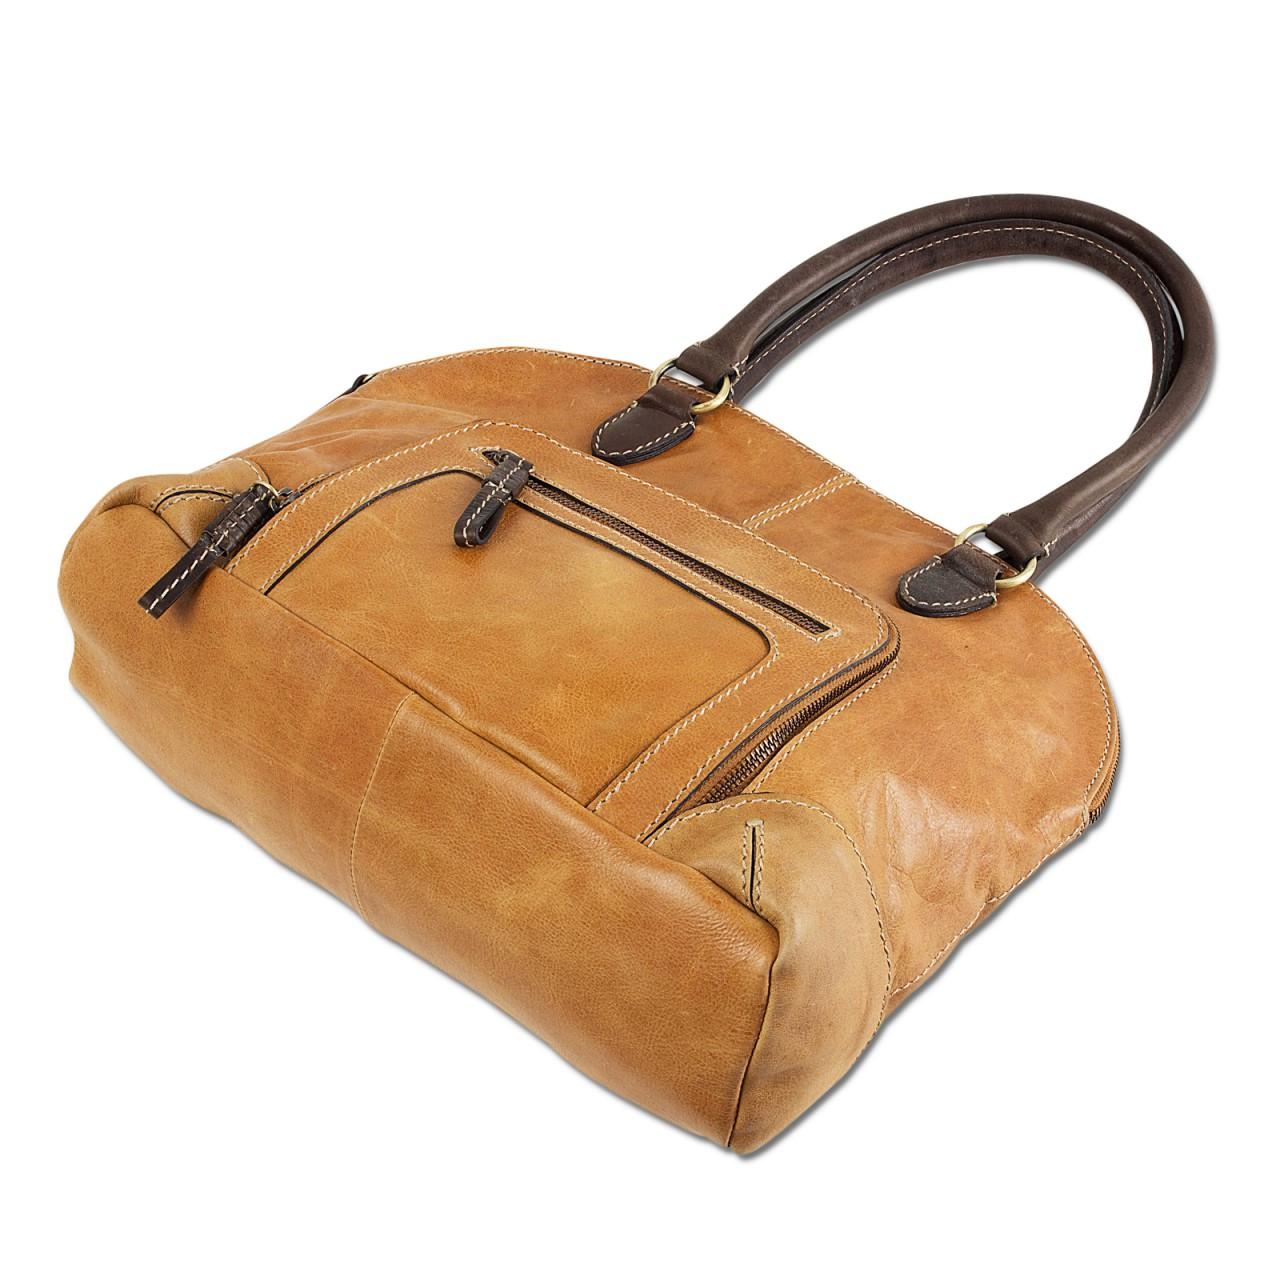 STILORD Vintage Handtasche groß Henkeltasche elegante Abendtasche für Damen - echtes Büffel Leder braun - Bild 3